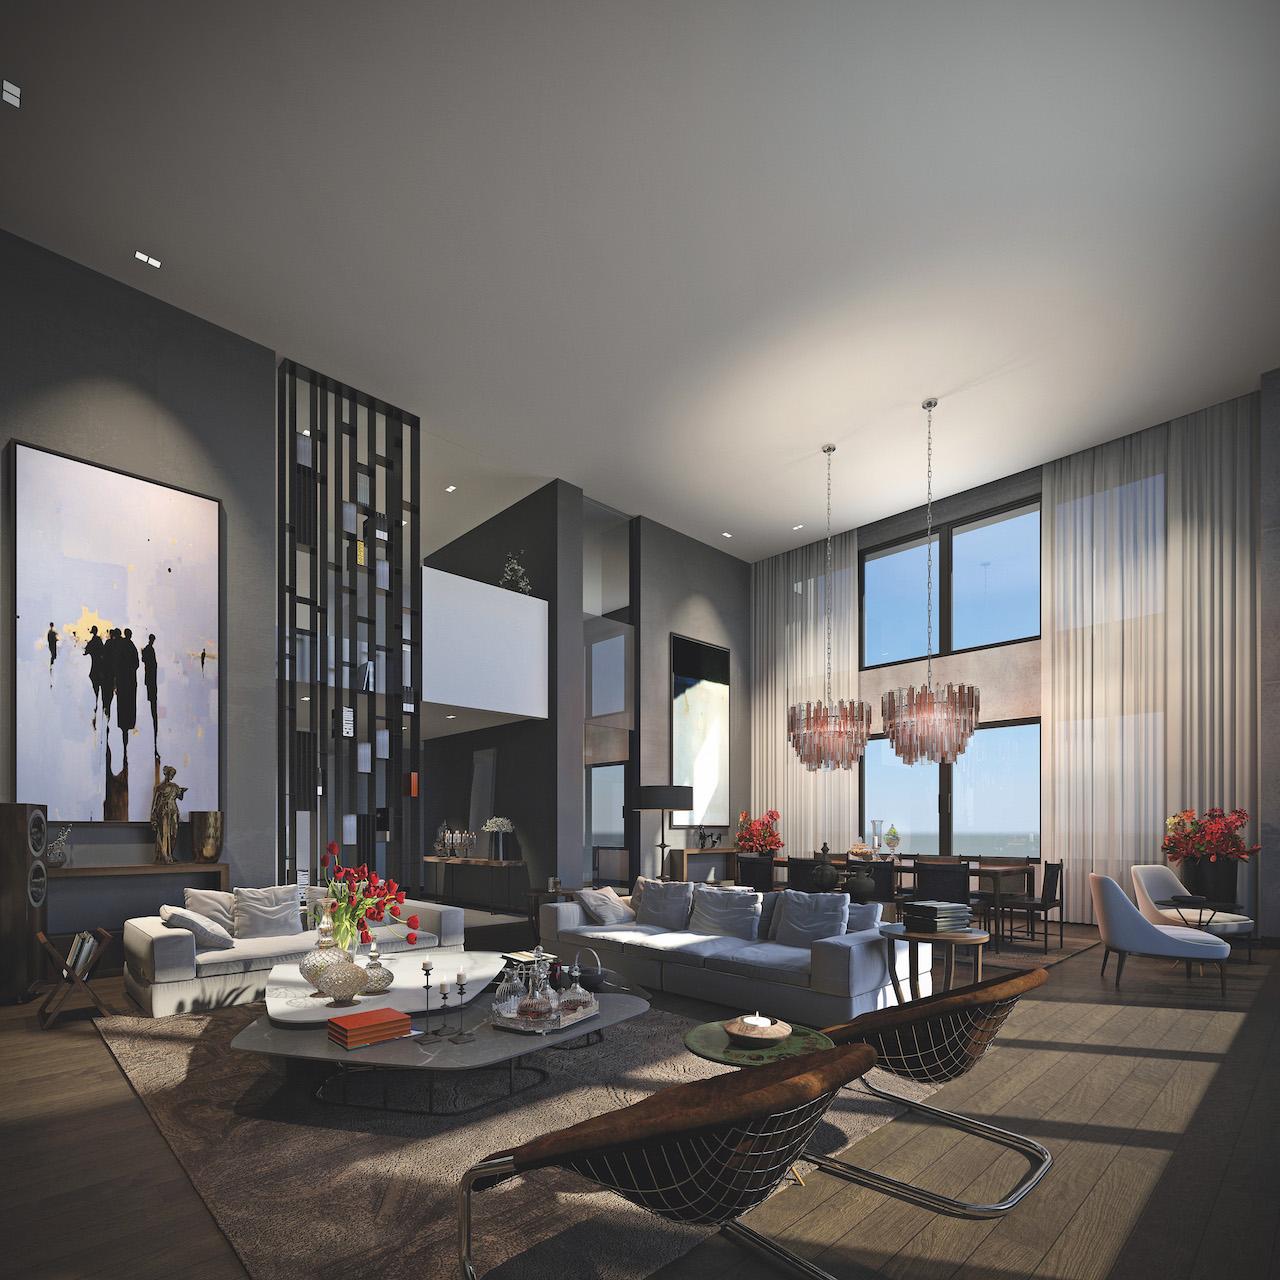 Serdar Bilgili'nin yeni projesi The Ritz-Carlton Residences, Nişantaşı'nda.